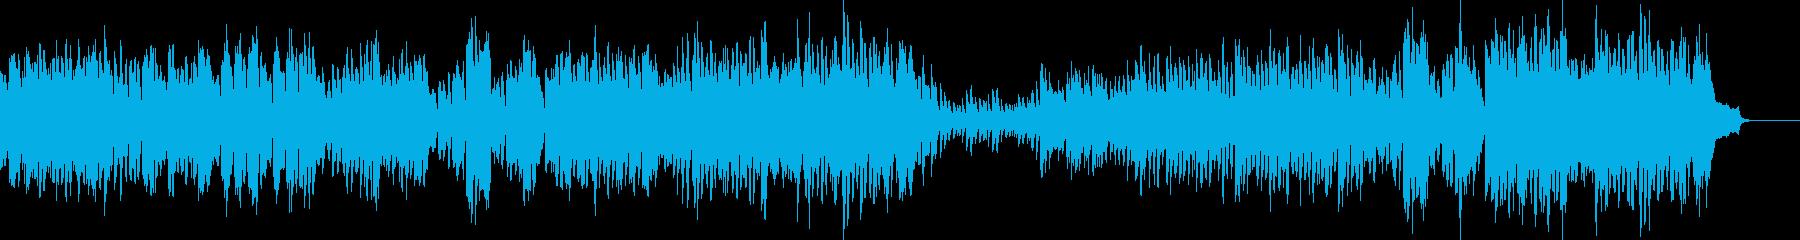 かわいい童話テイストのワルツ Bの再生済みの波形